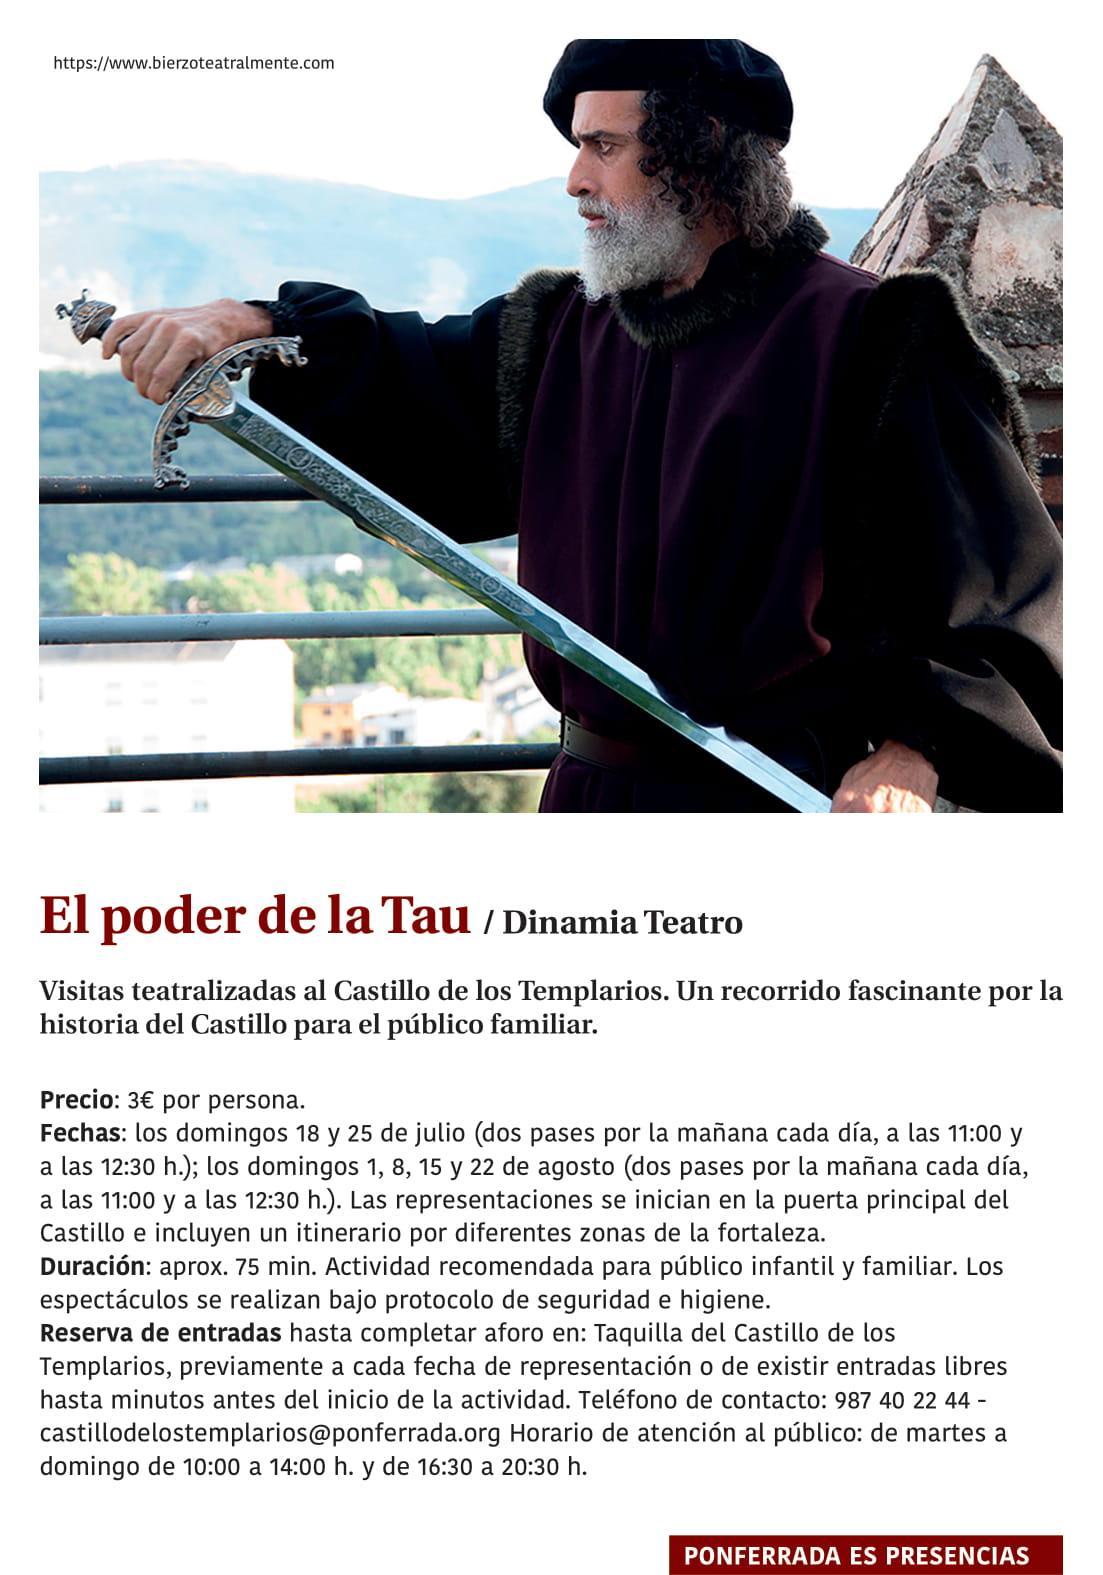 Ponferrada será... música, cultura, monumentos, turismo y más durante el verano de 2021 30